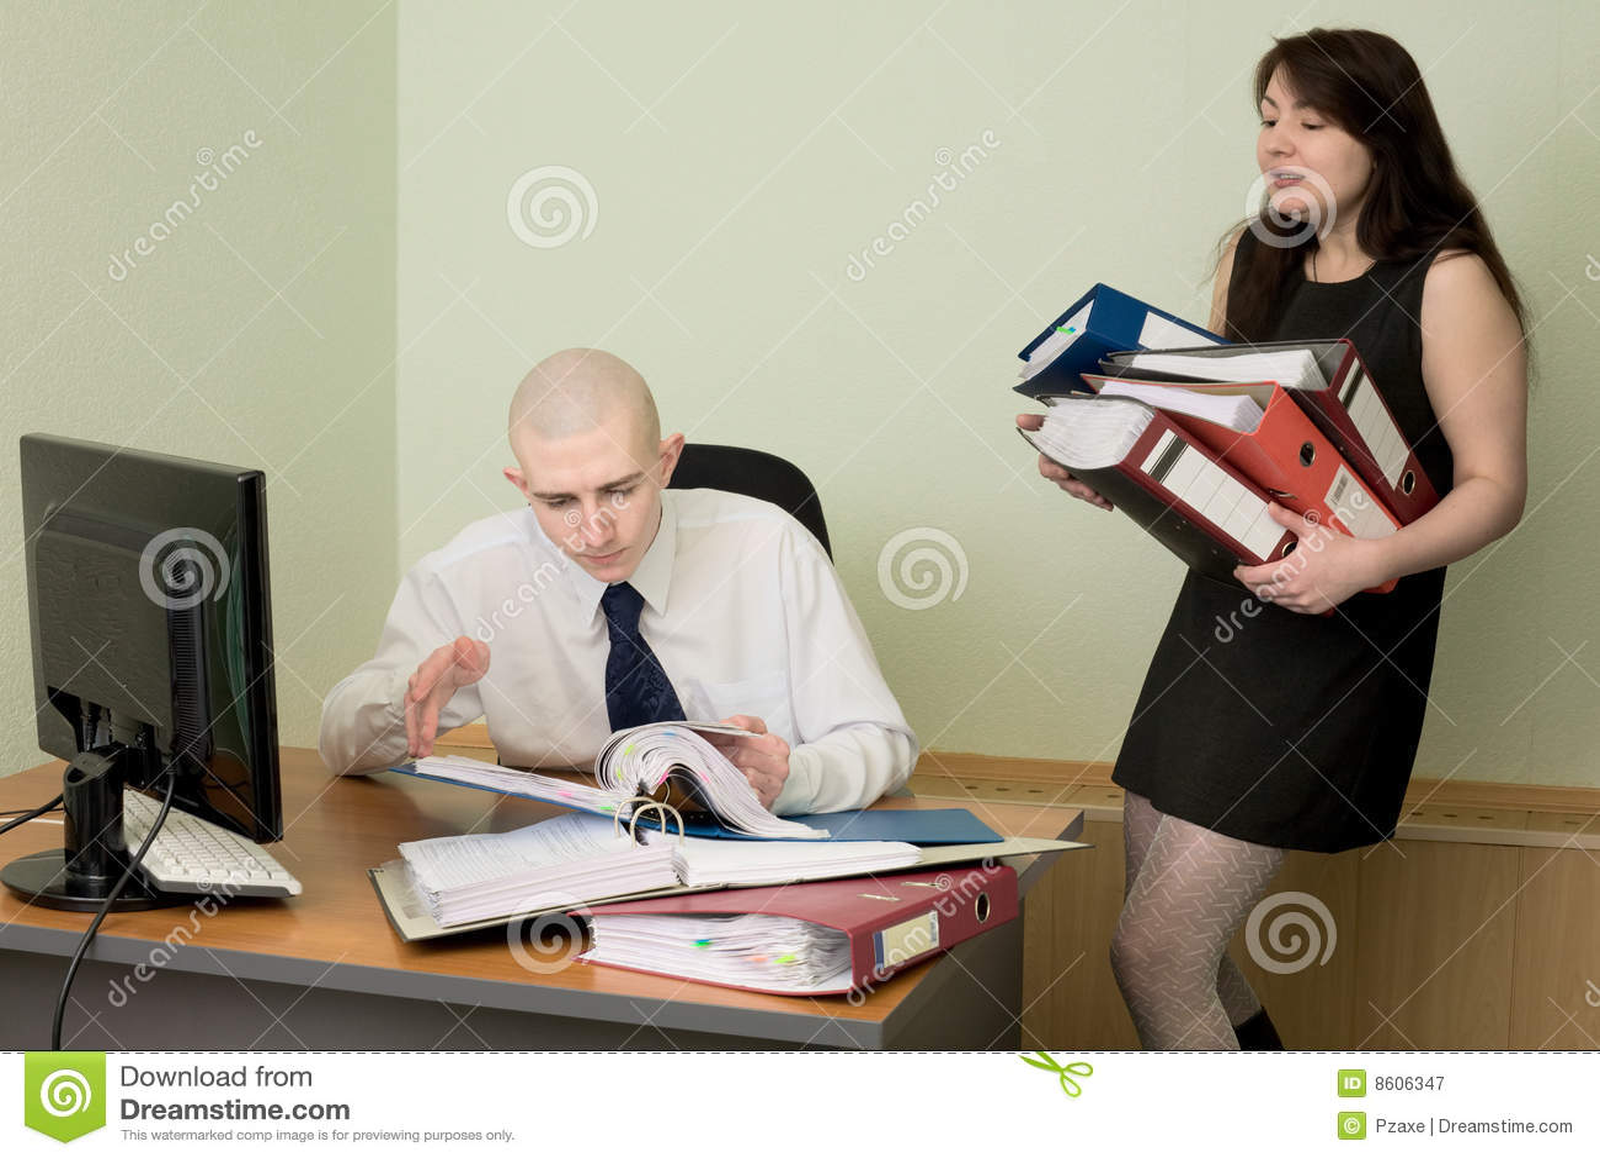 Comptable et le secrétaire sur un lieu de travail